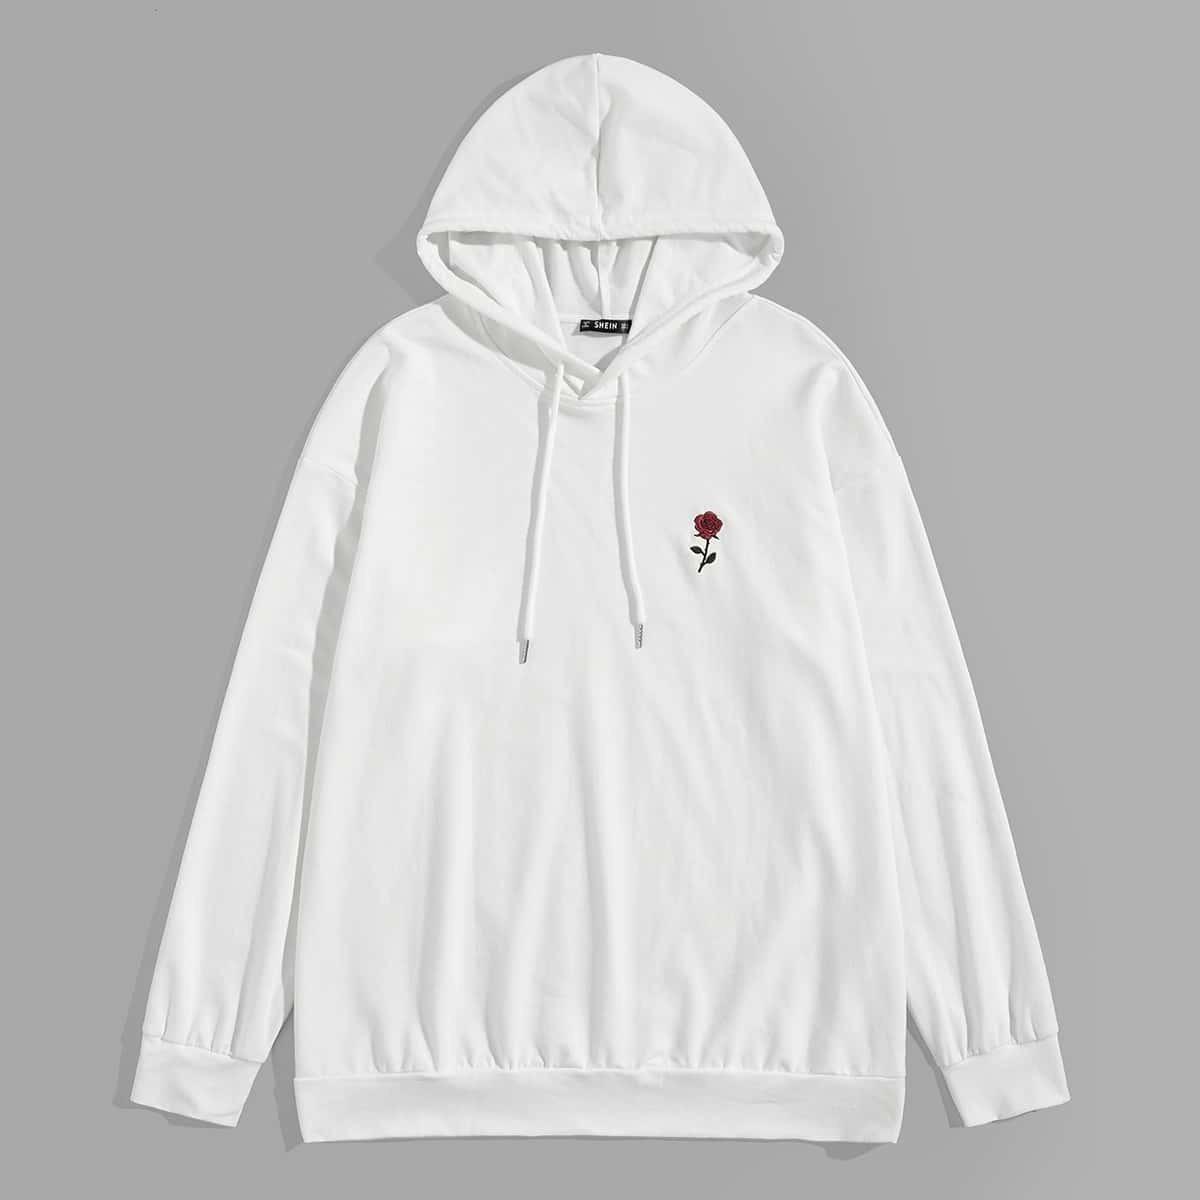 Wit Casual Borduurwerk Bloemen Sweatshirts voor heren